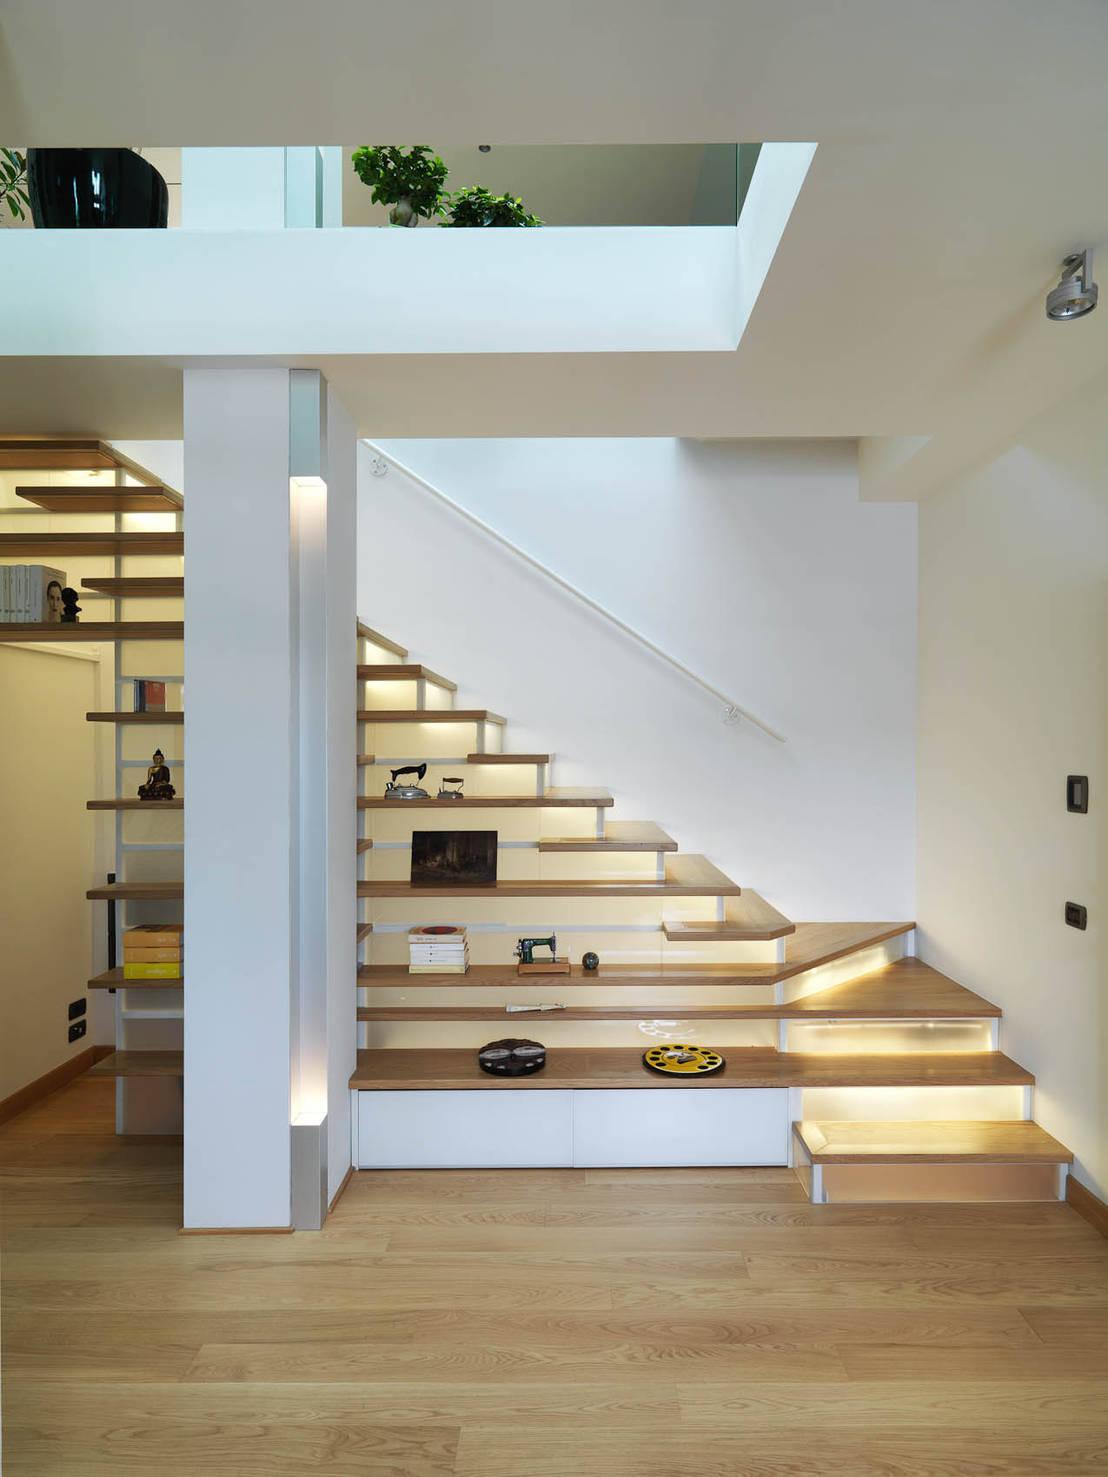 Recupero sottotetto duplex 1 por enzoferrara architetti - Recupero sottotetto ...